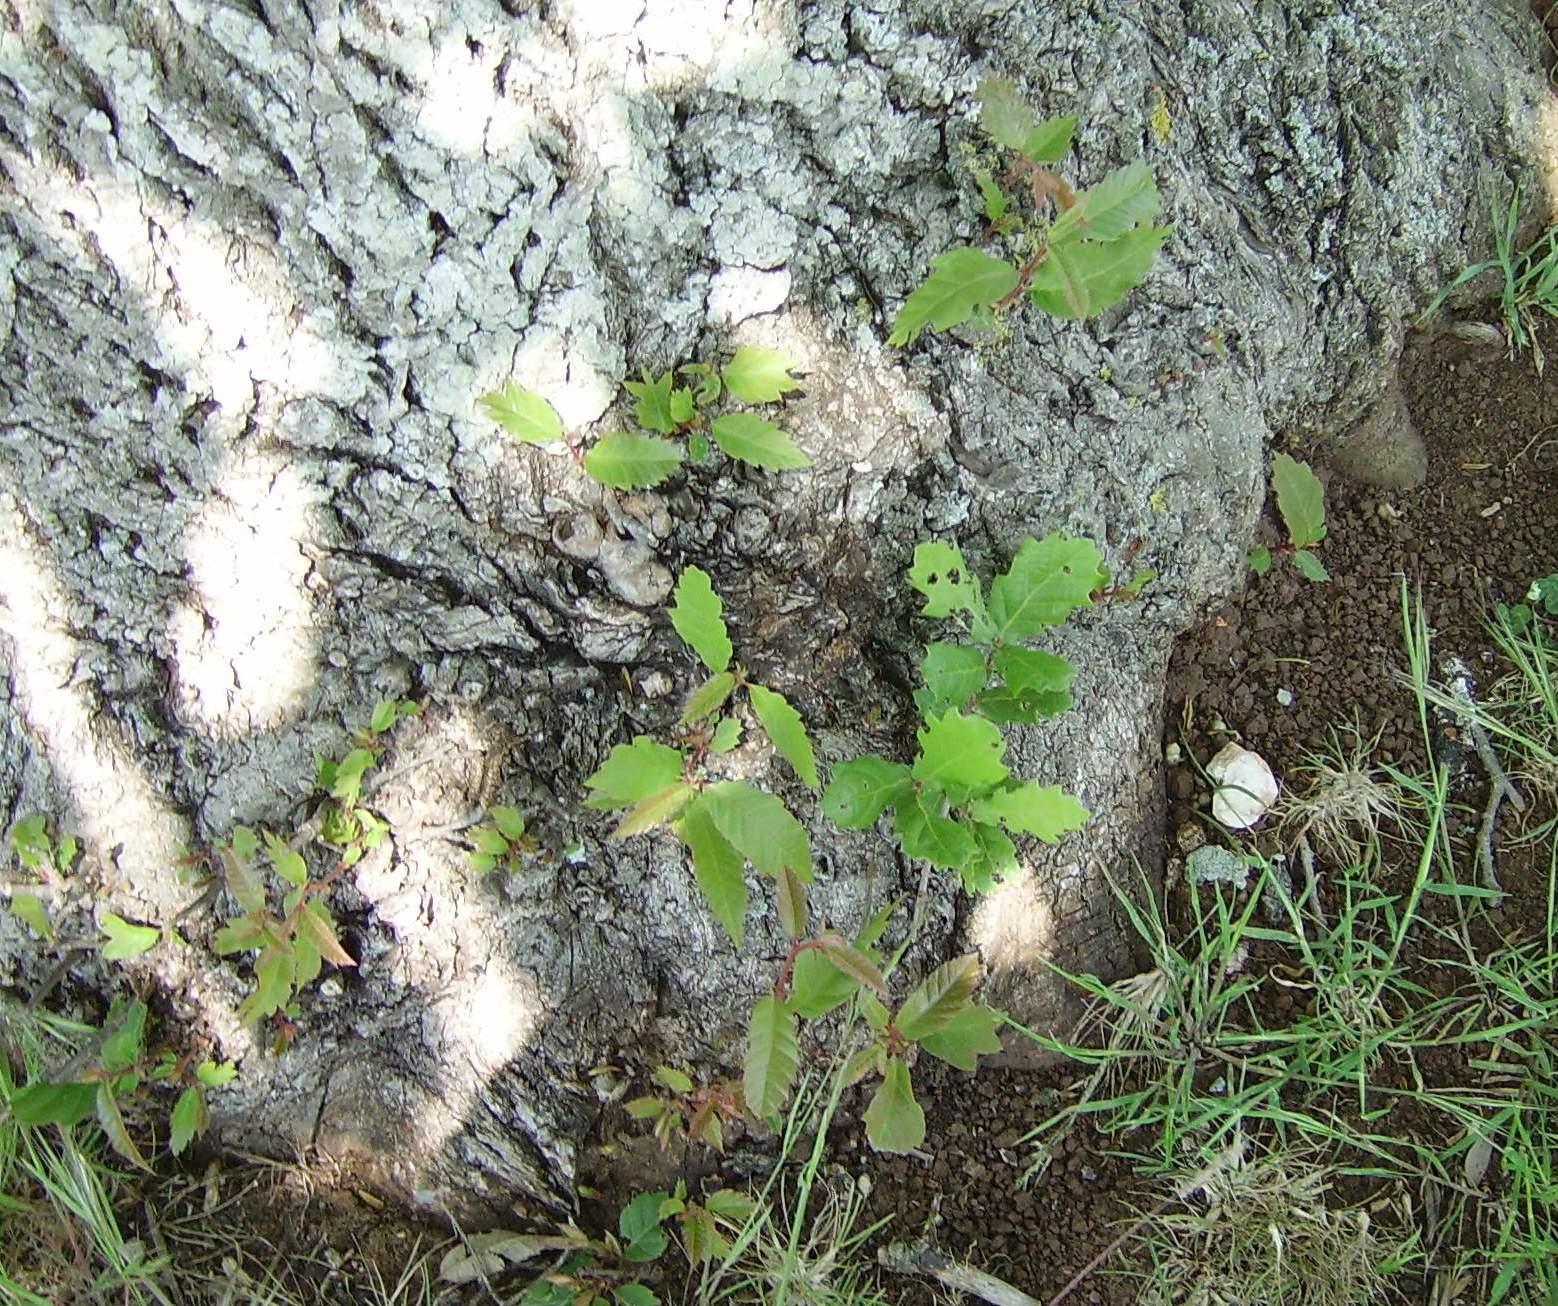 Periodo Migliore Per Potare Quercia innesto di castagno su quercia per una tartufaia multi